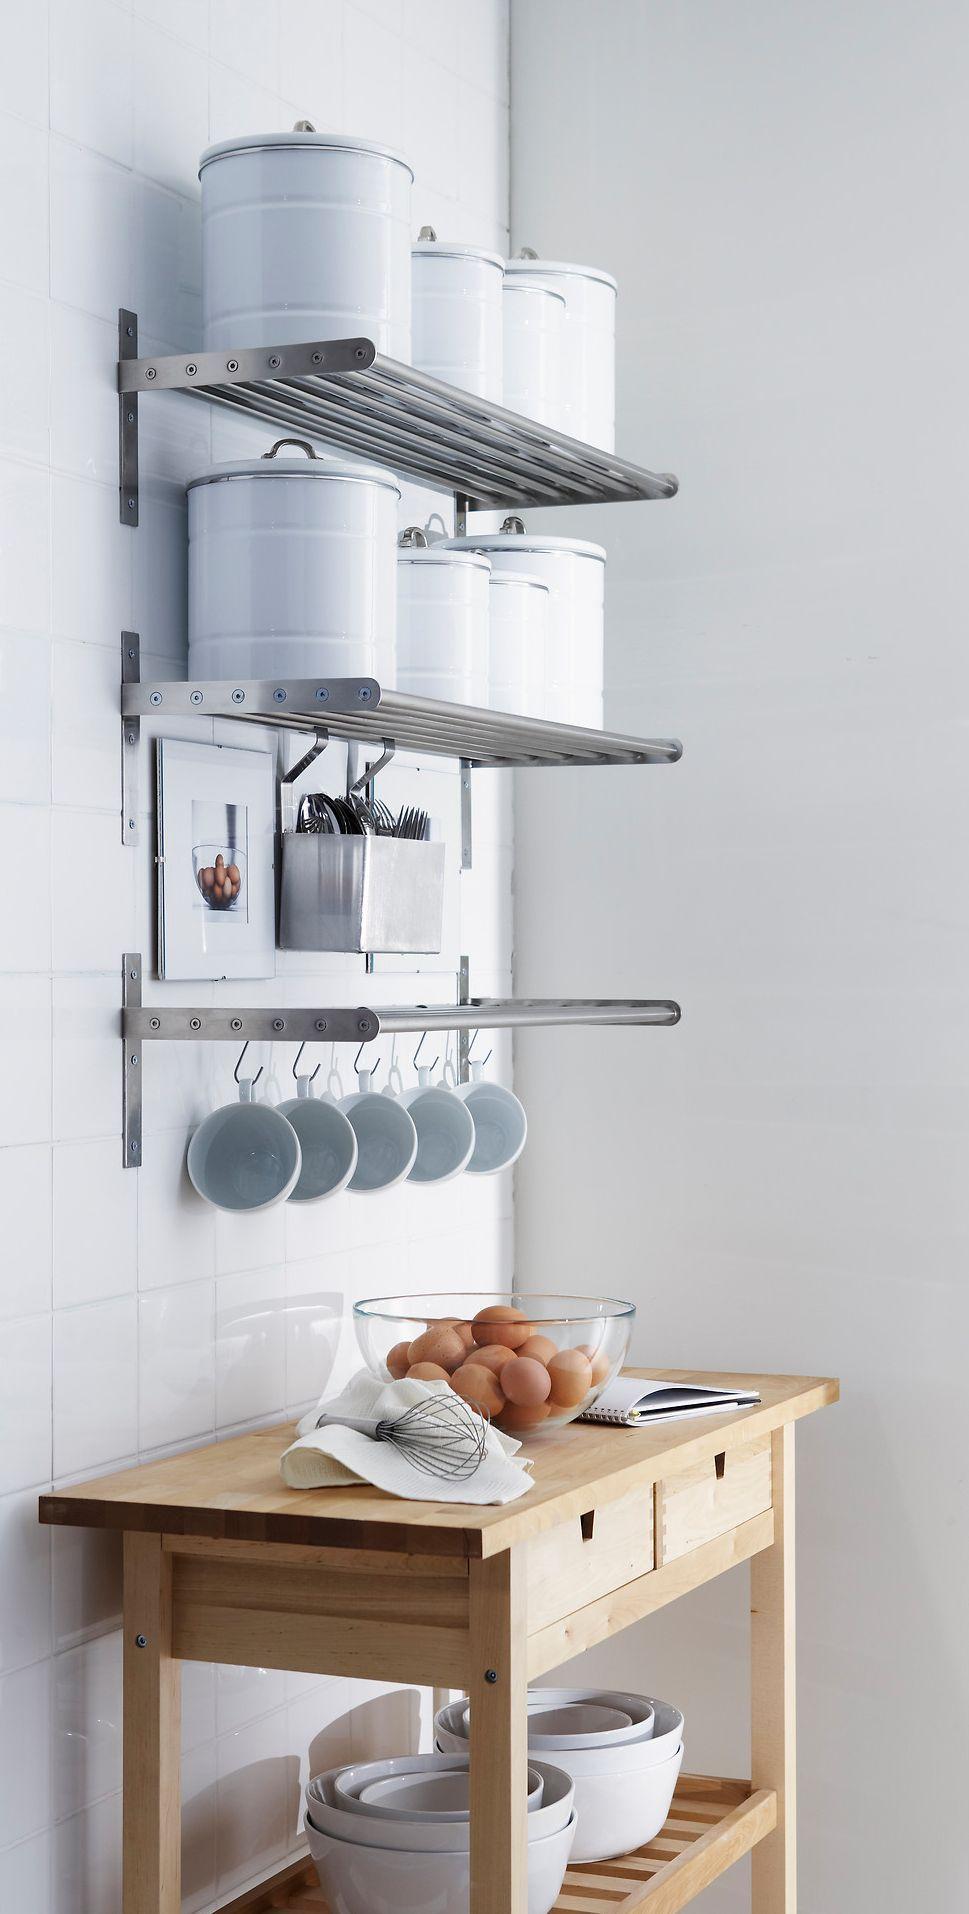 65 Ingenious Kitchen Organization Tips And Storage Ideas | Storage ...